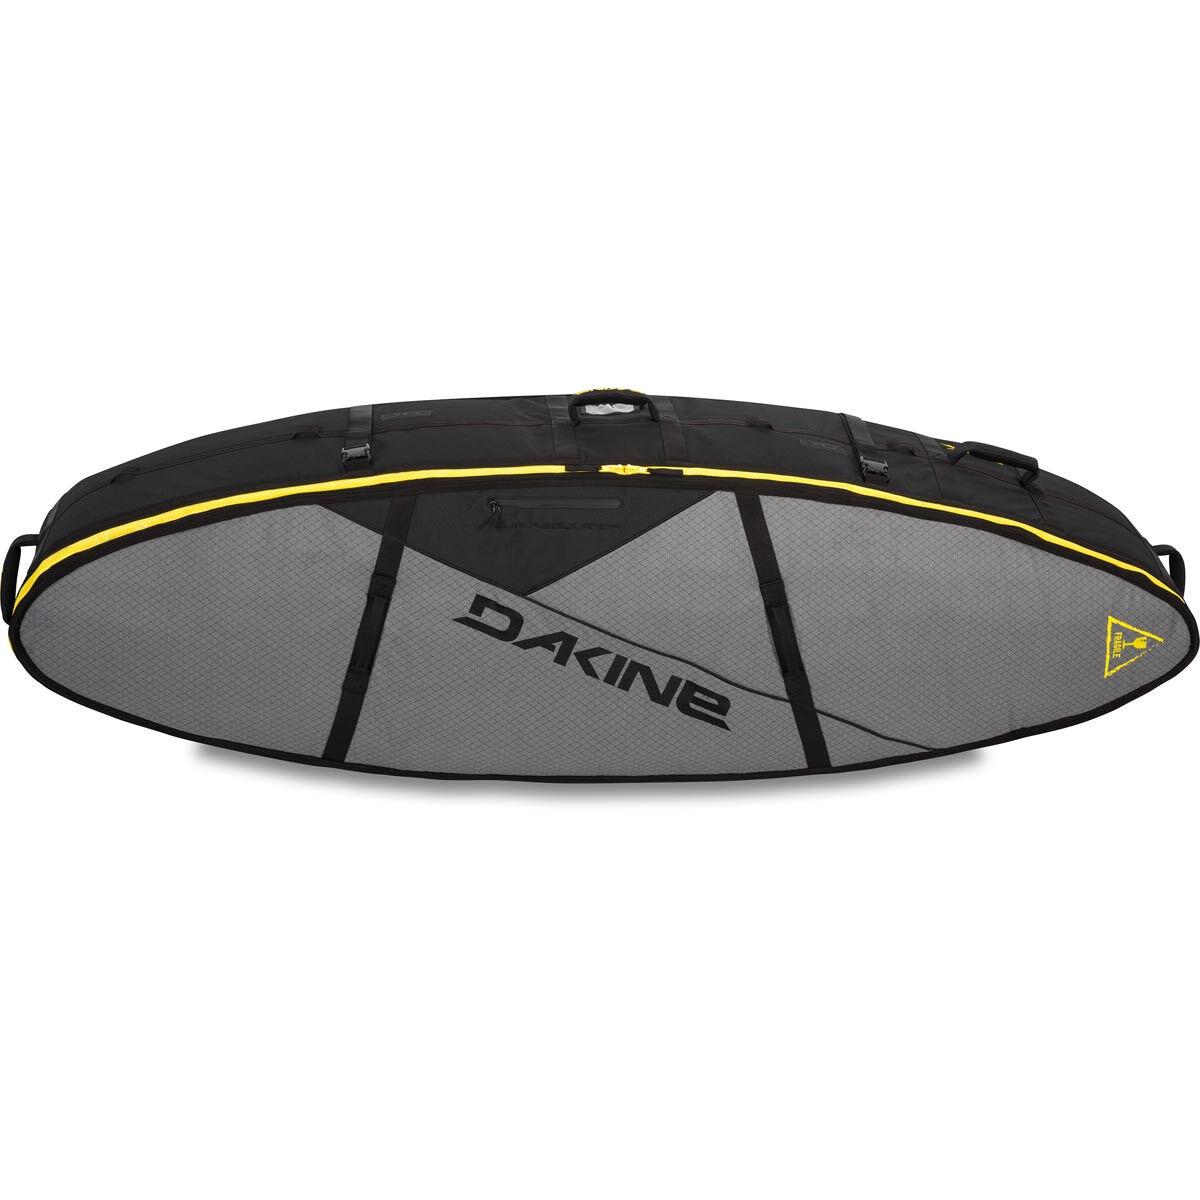 Dakine Tour Regulator Surfboard Bag 6'6'' Surf Boardbag Carbon